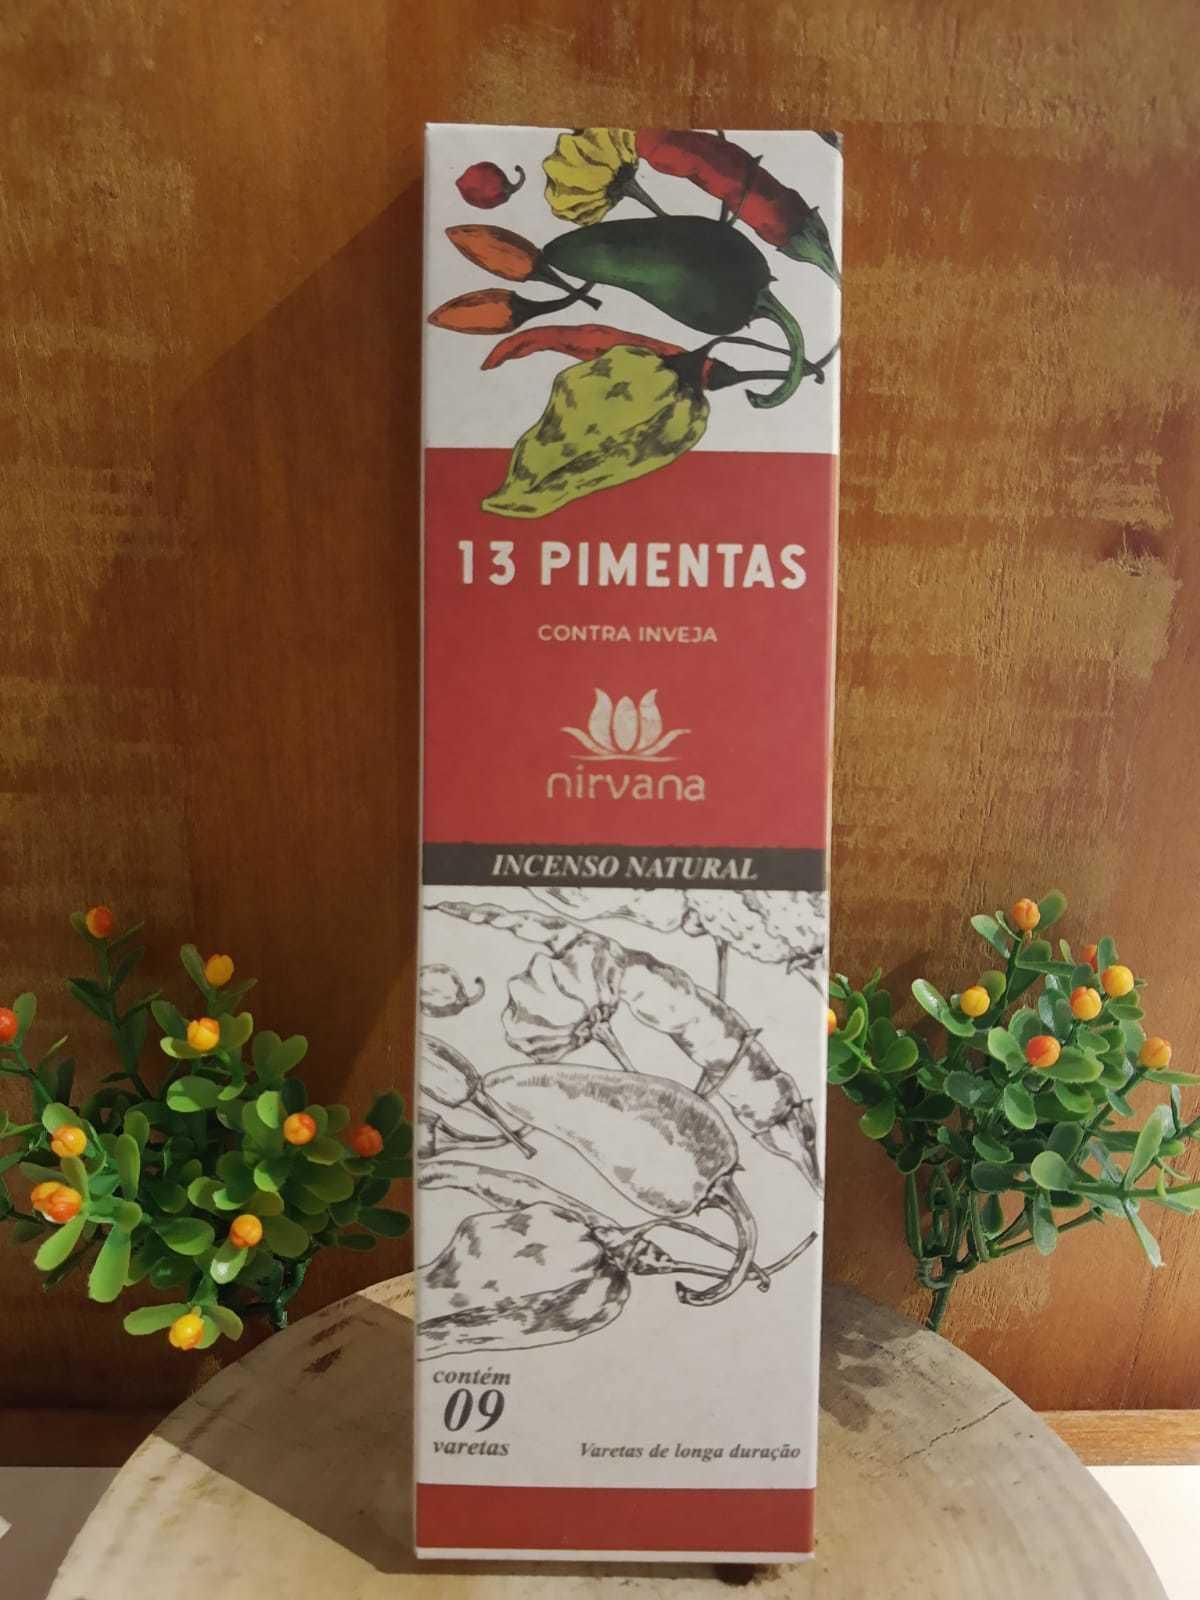 Incenso Natural 13 pimentas - Nirvana